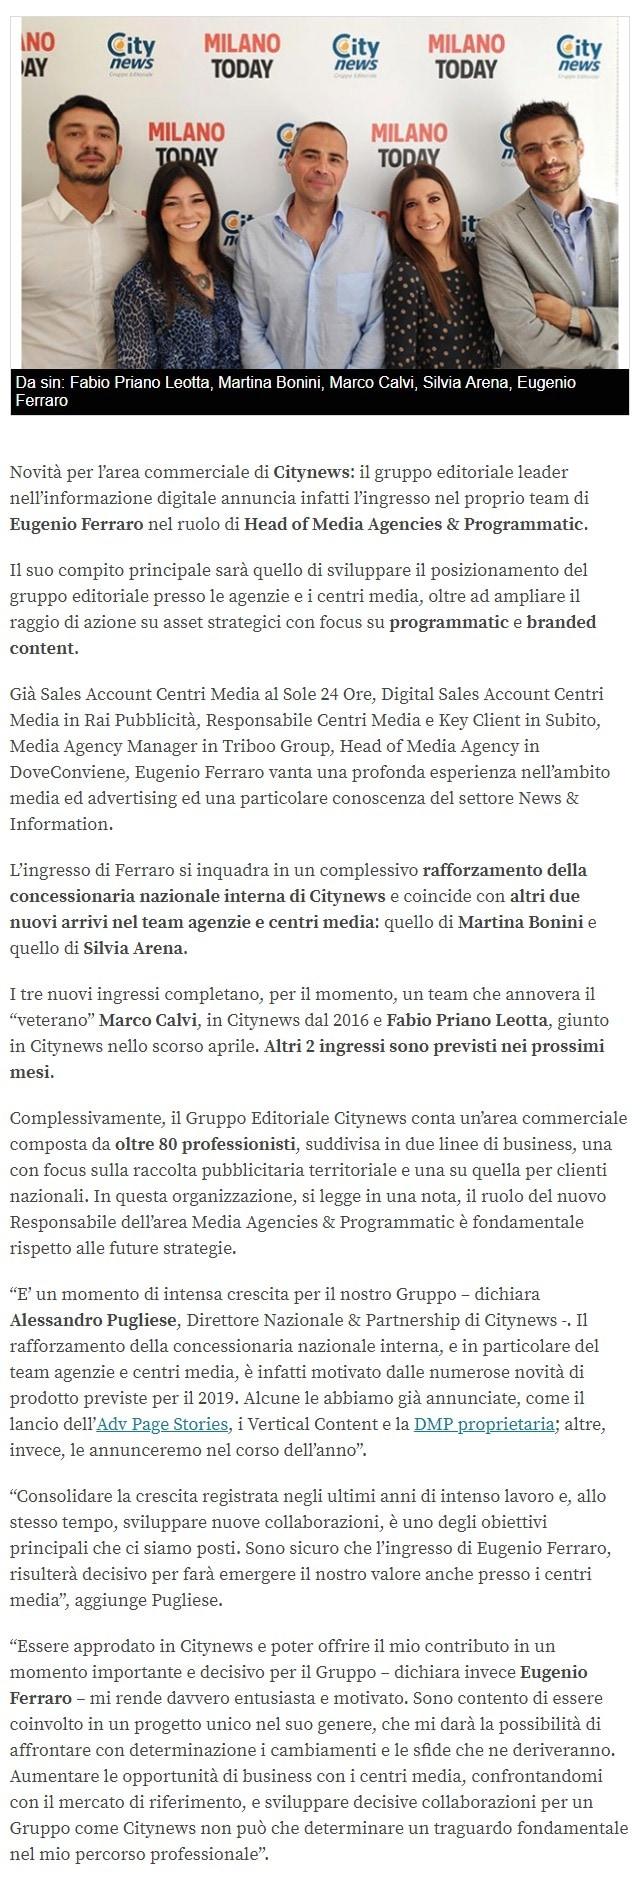 Citynews, Eugenio Ferraro è il nuovo Head of Media Agencies & Programmatic -Engage.it, 10 giugno 2019-3